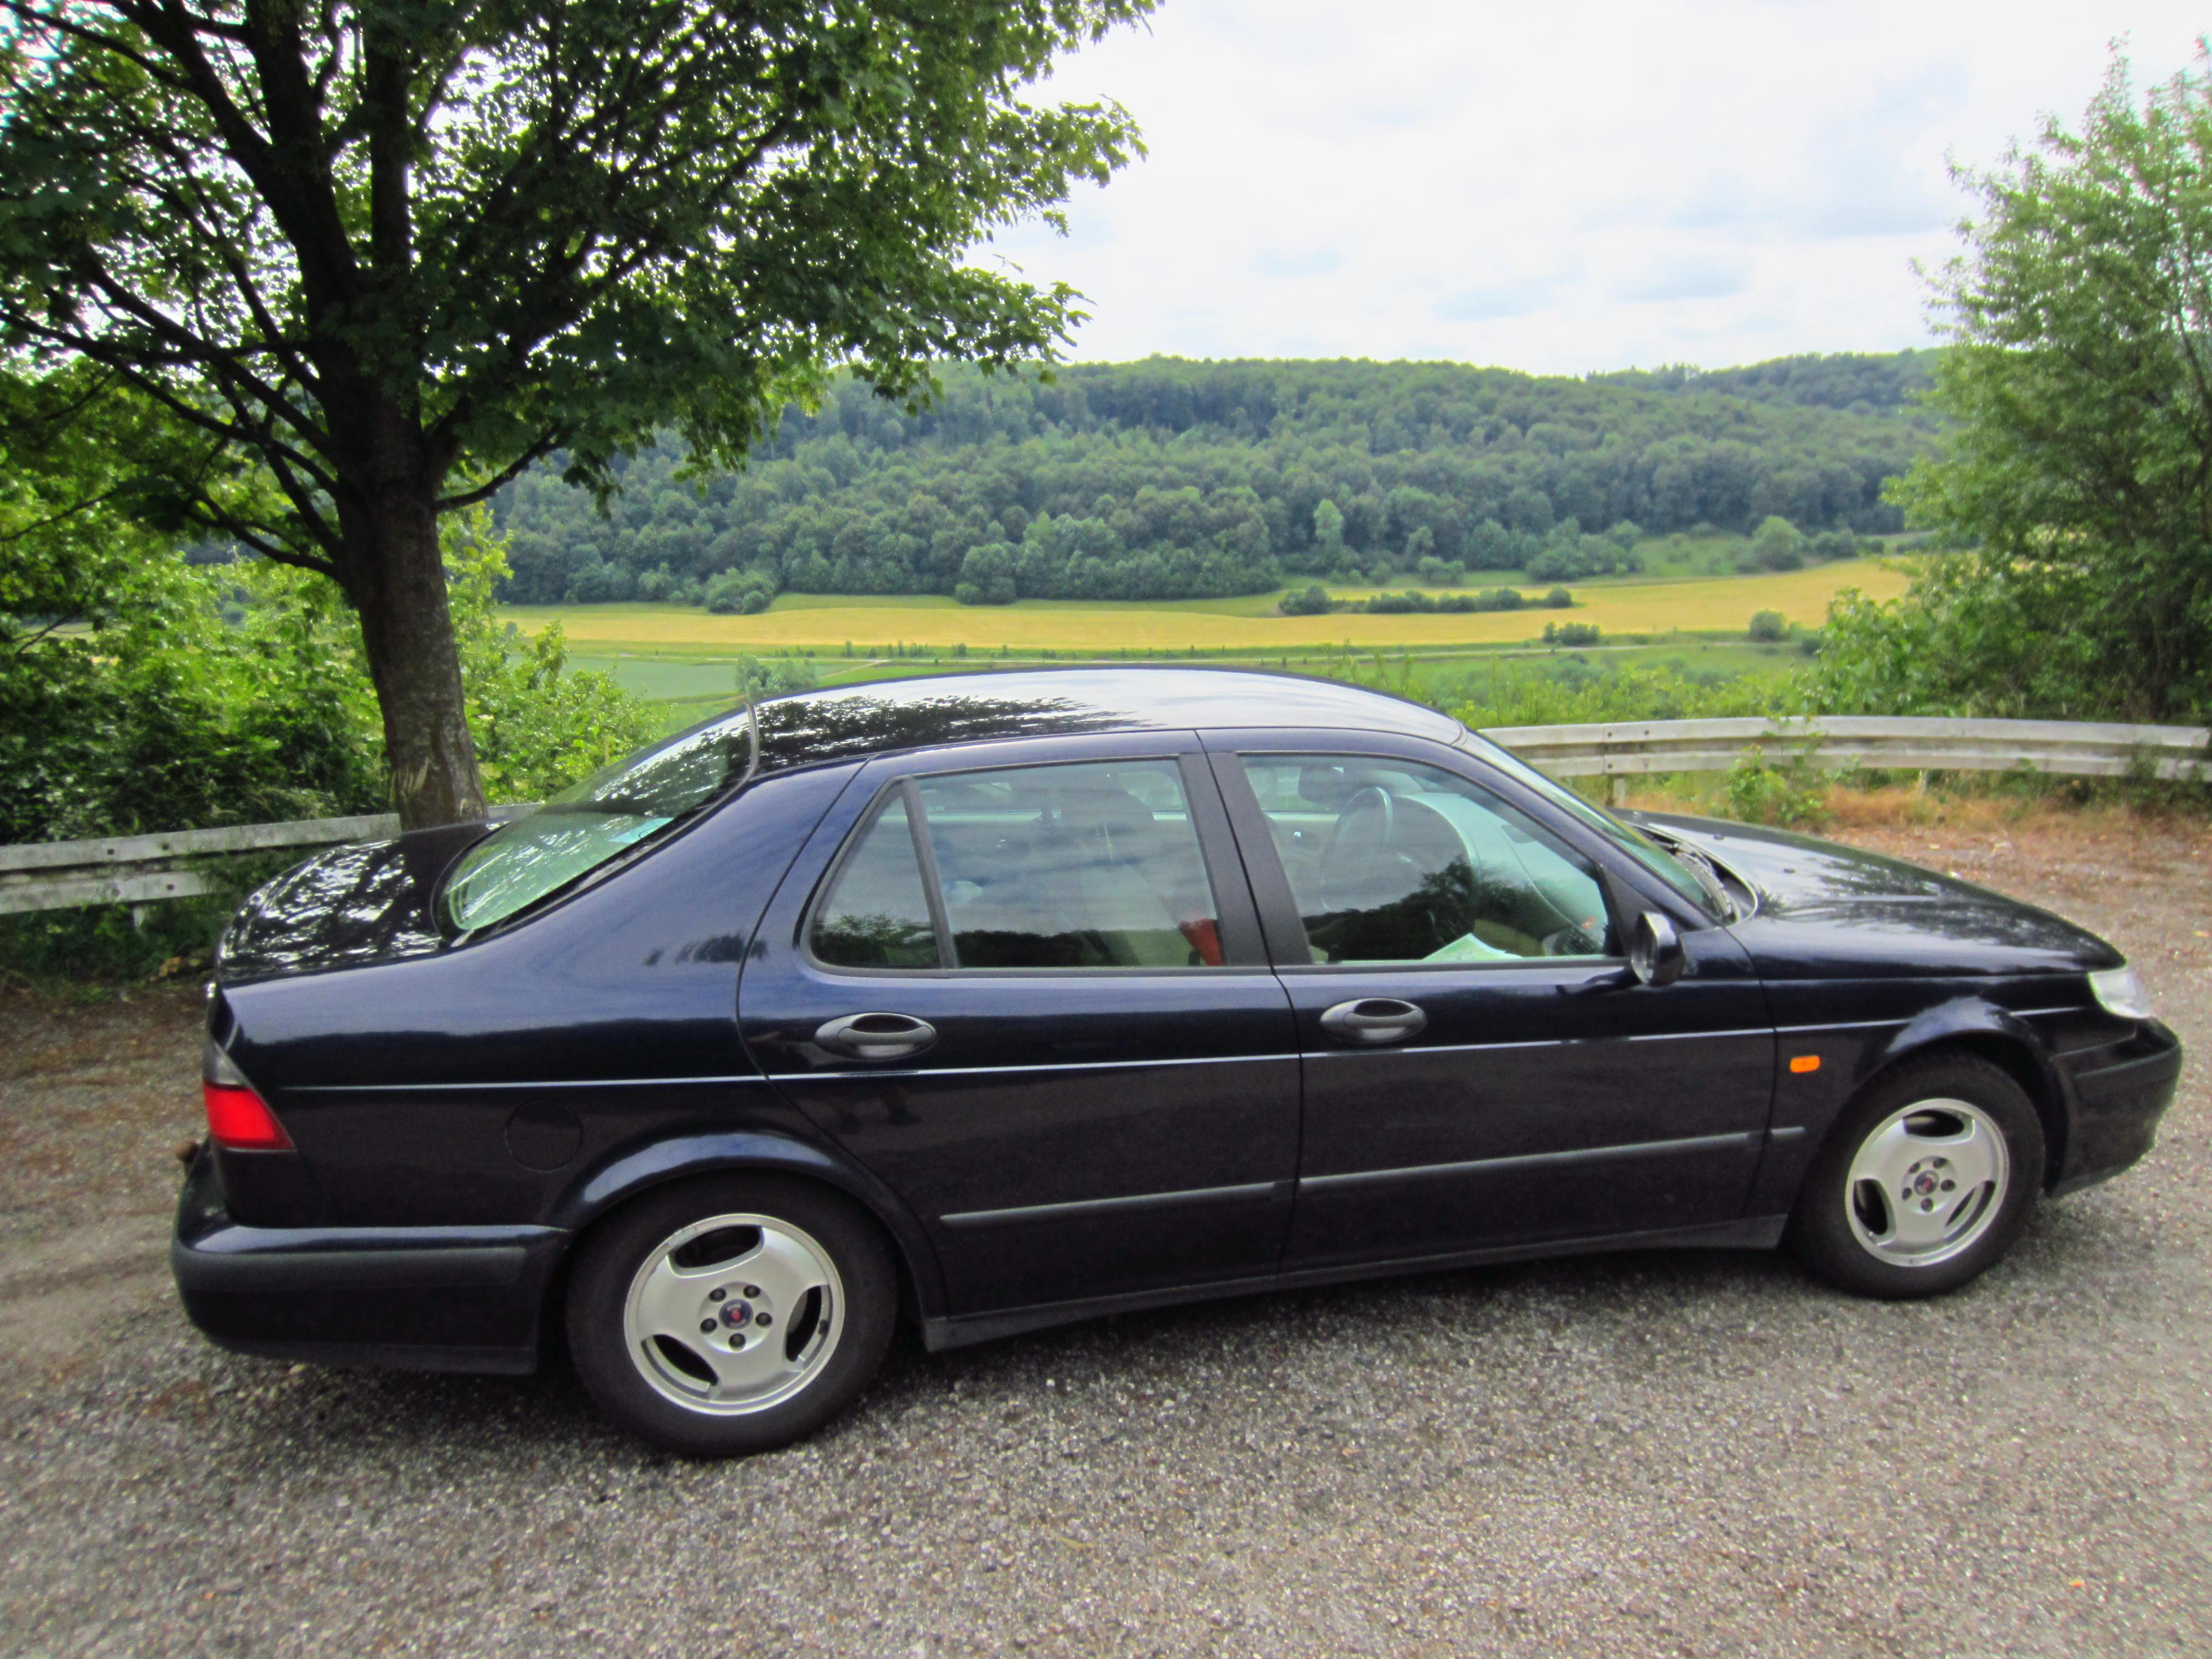 File:Saab 9-5 2 0t sedan MY2000 13 JPG - Wikimedia Commons